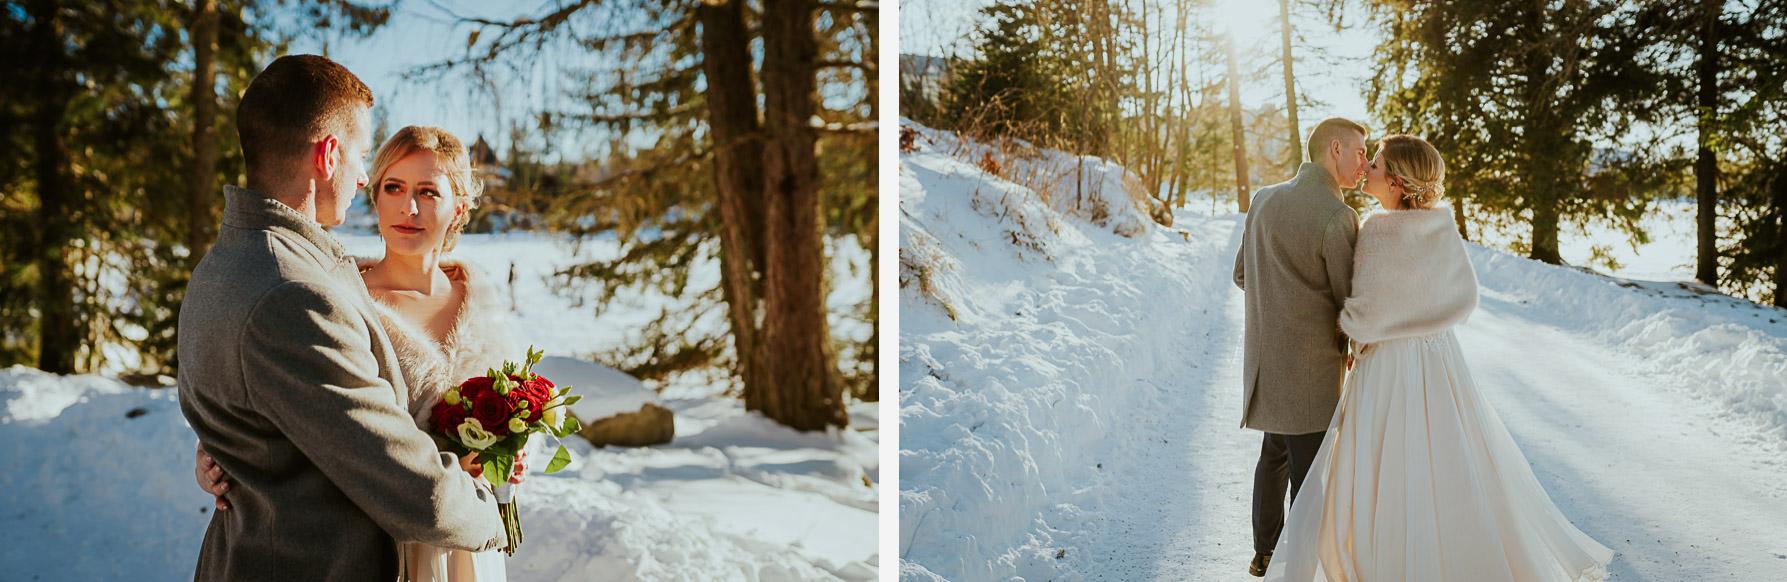 sesja zimowa w gorach 030